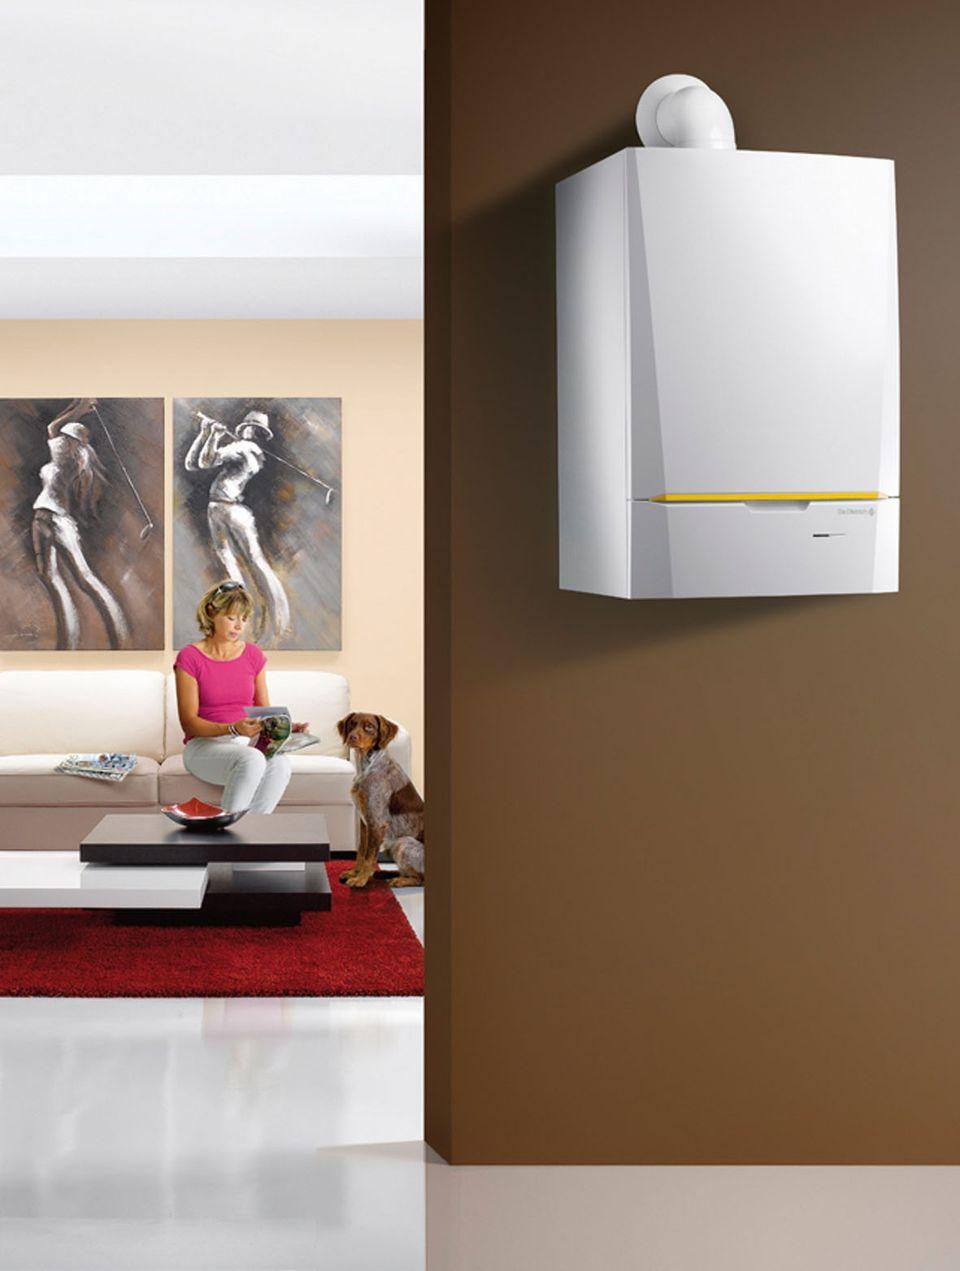 remplacer une chaudi re fioul augmentation des primes. Black Bedroom Furniture Sets. Home Design Ideas